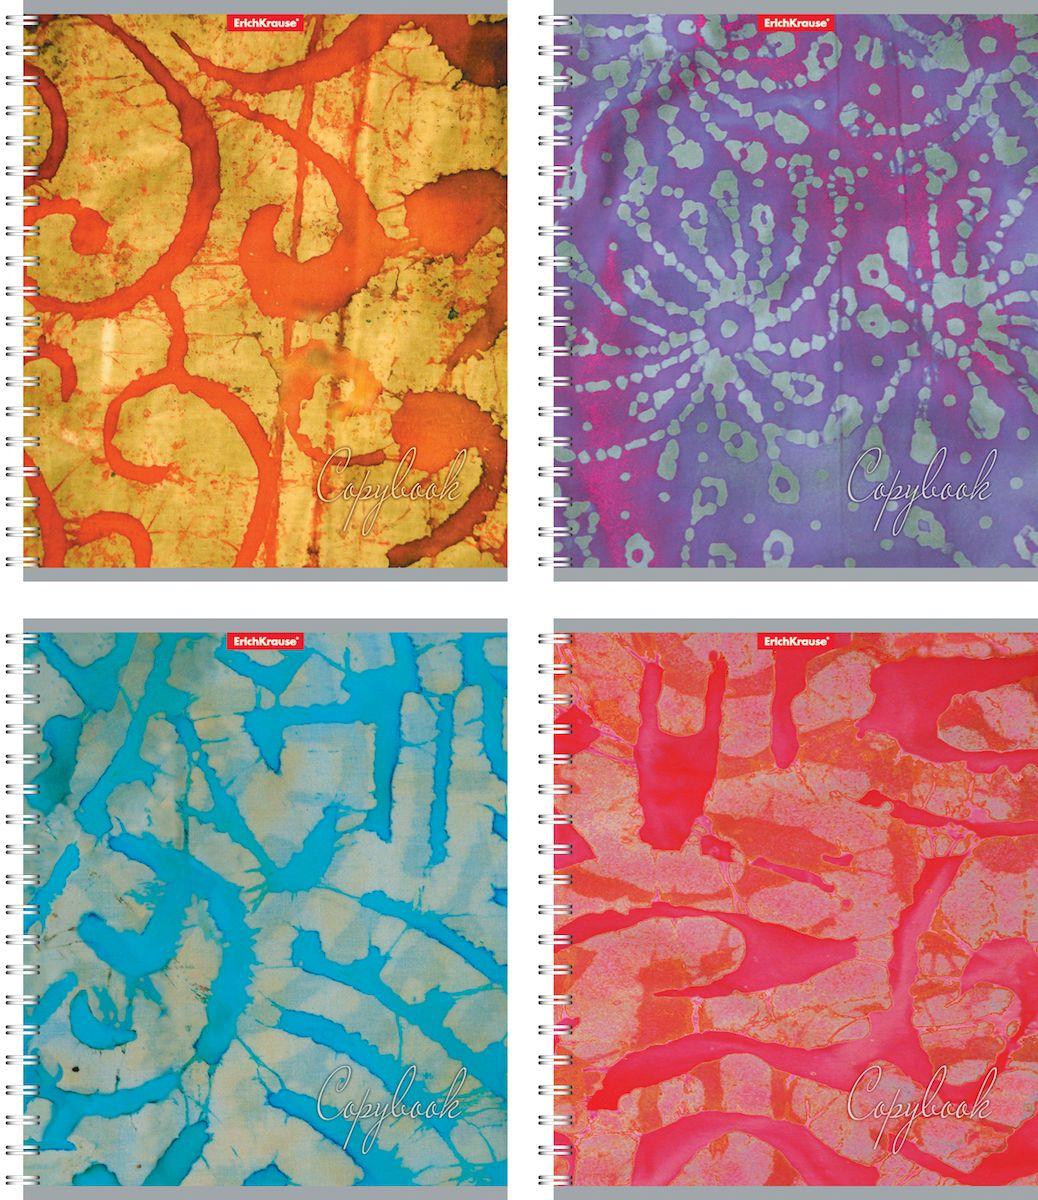 Erich Krause Тетрадь Батик 60 листов в клетку39975Тетрадь 60 листов а спирали. Обложка: картон мелованный 170 г/м2 Блок:бумага офсетная 55 г/м2 .